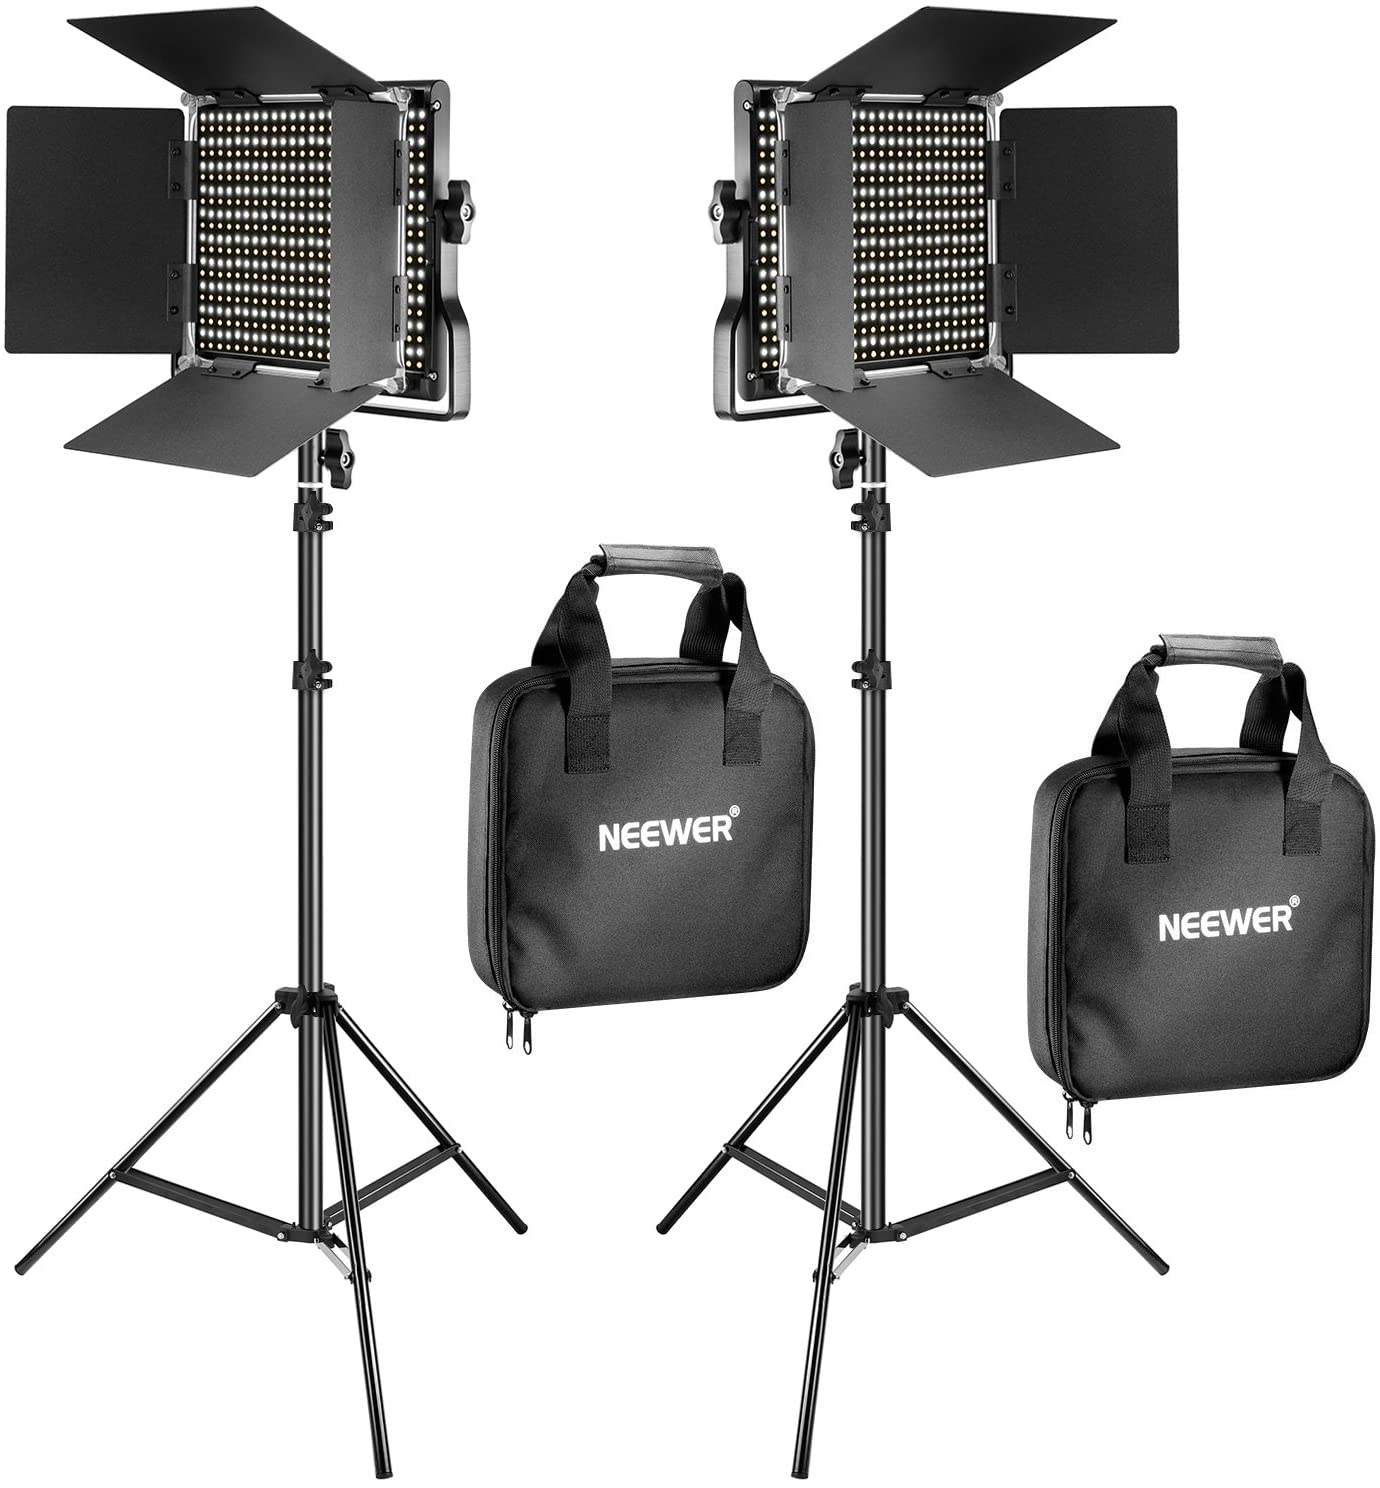 Les lampes neewer : une solution abordable et très efficaces pour éclairer ton studio d'enregistrement !